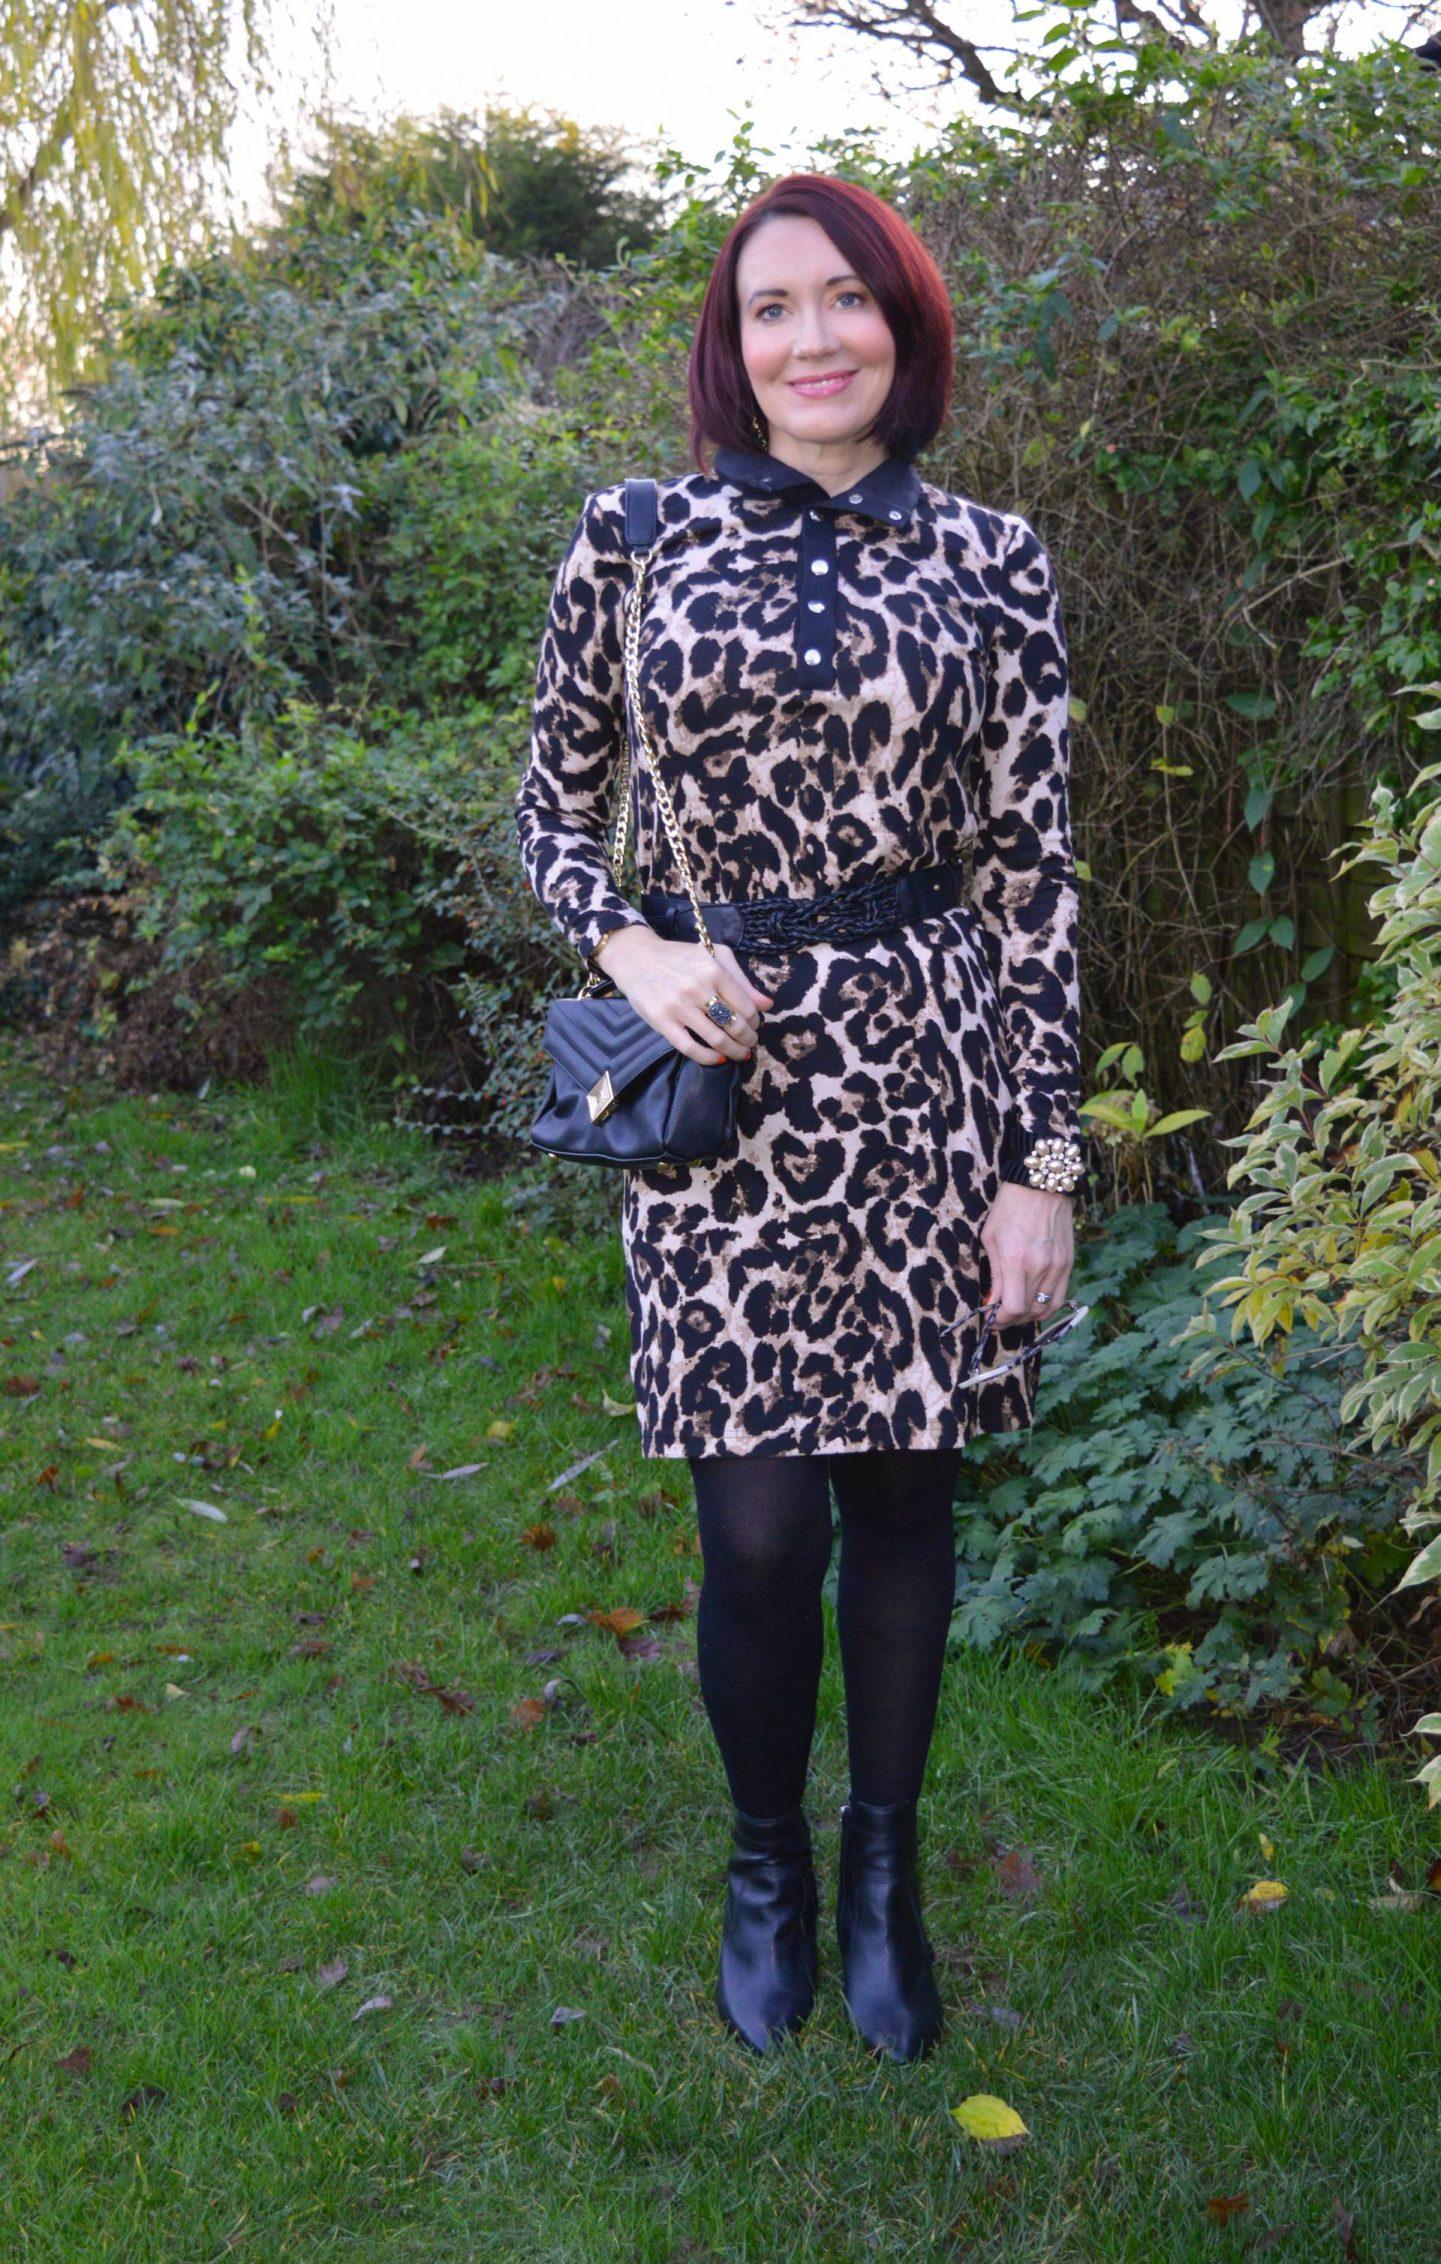 Baum und Pferdgarten Jagger Dress, Jennifer Hamley vegan leather bag